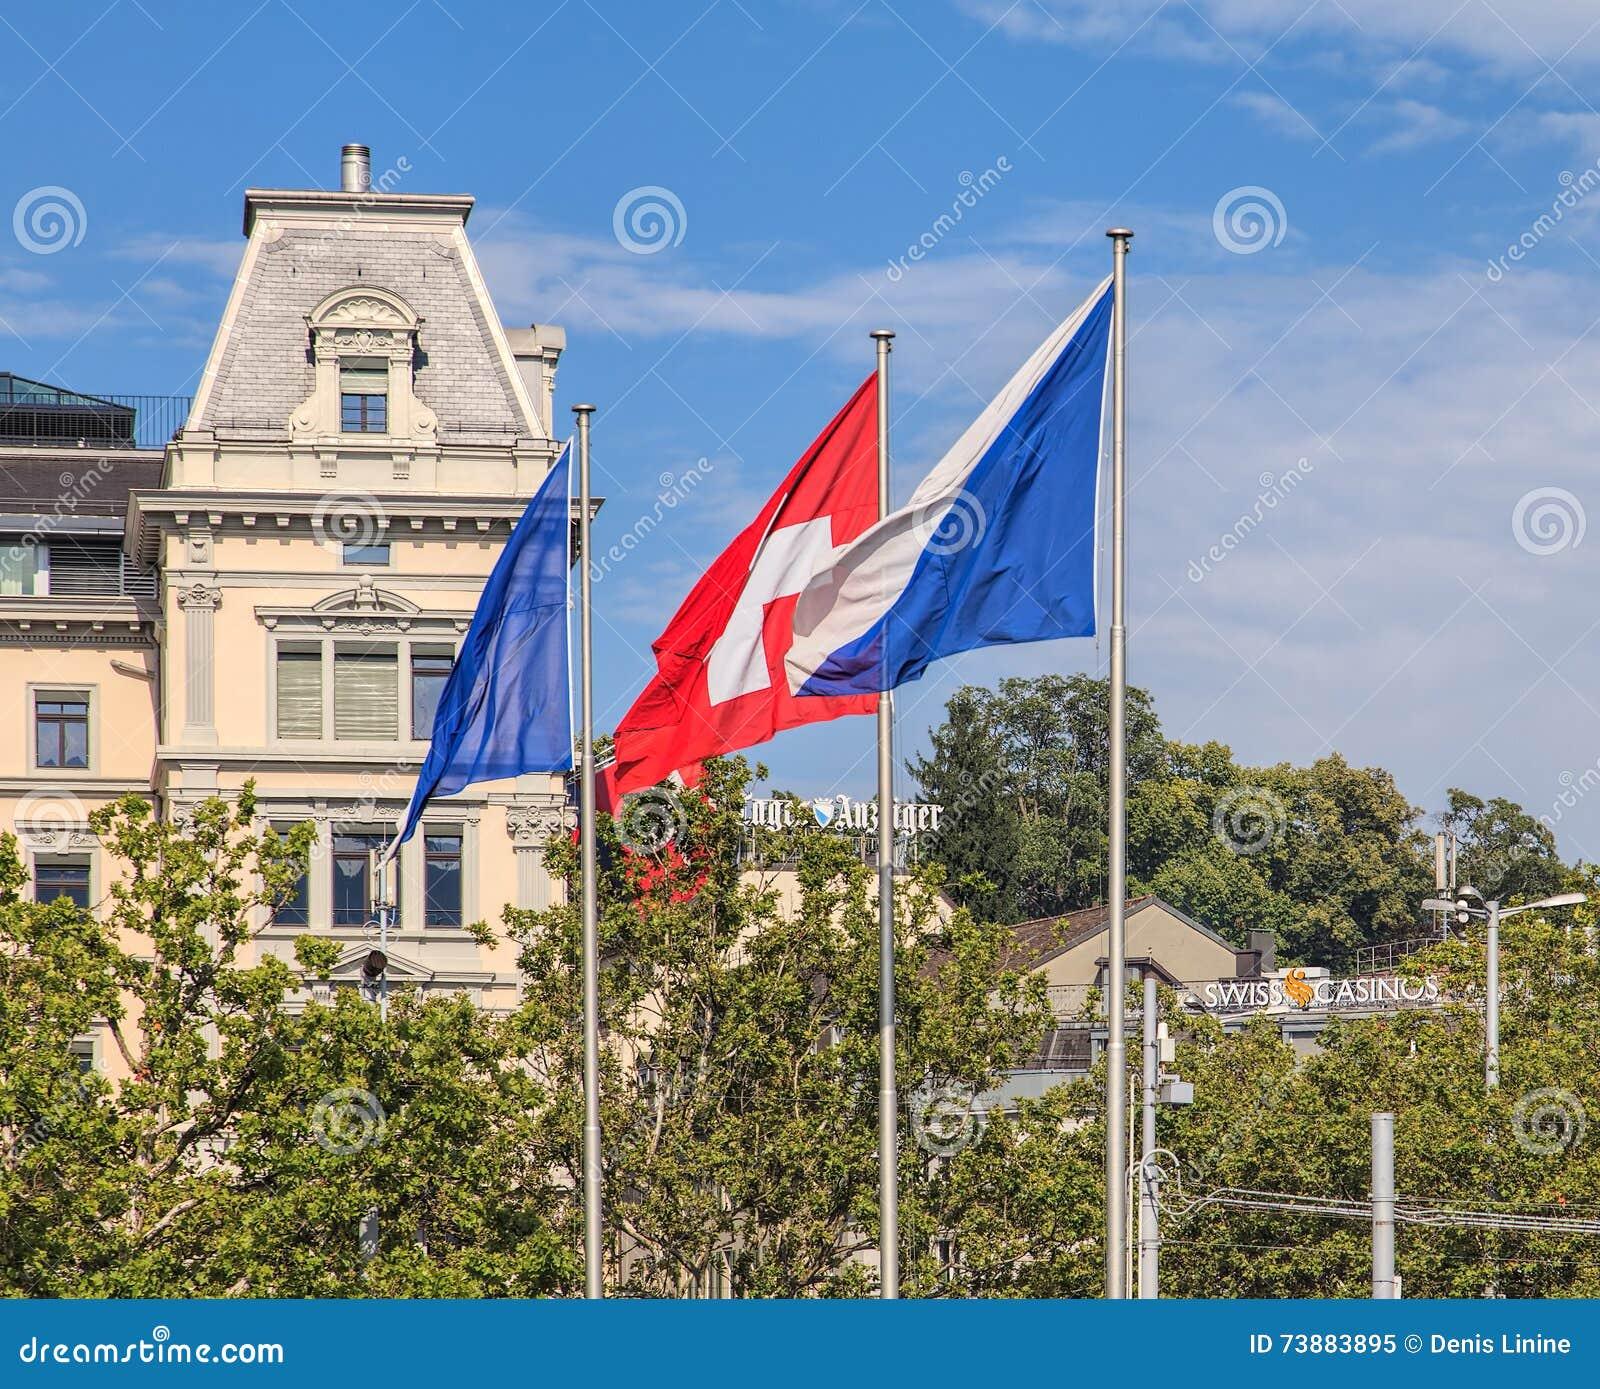 Казино в швейцарии в цюрихе открыть казино на дому